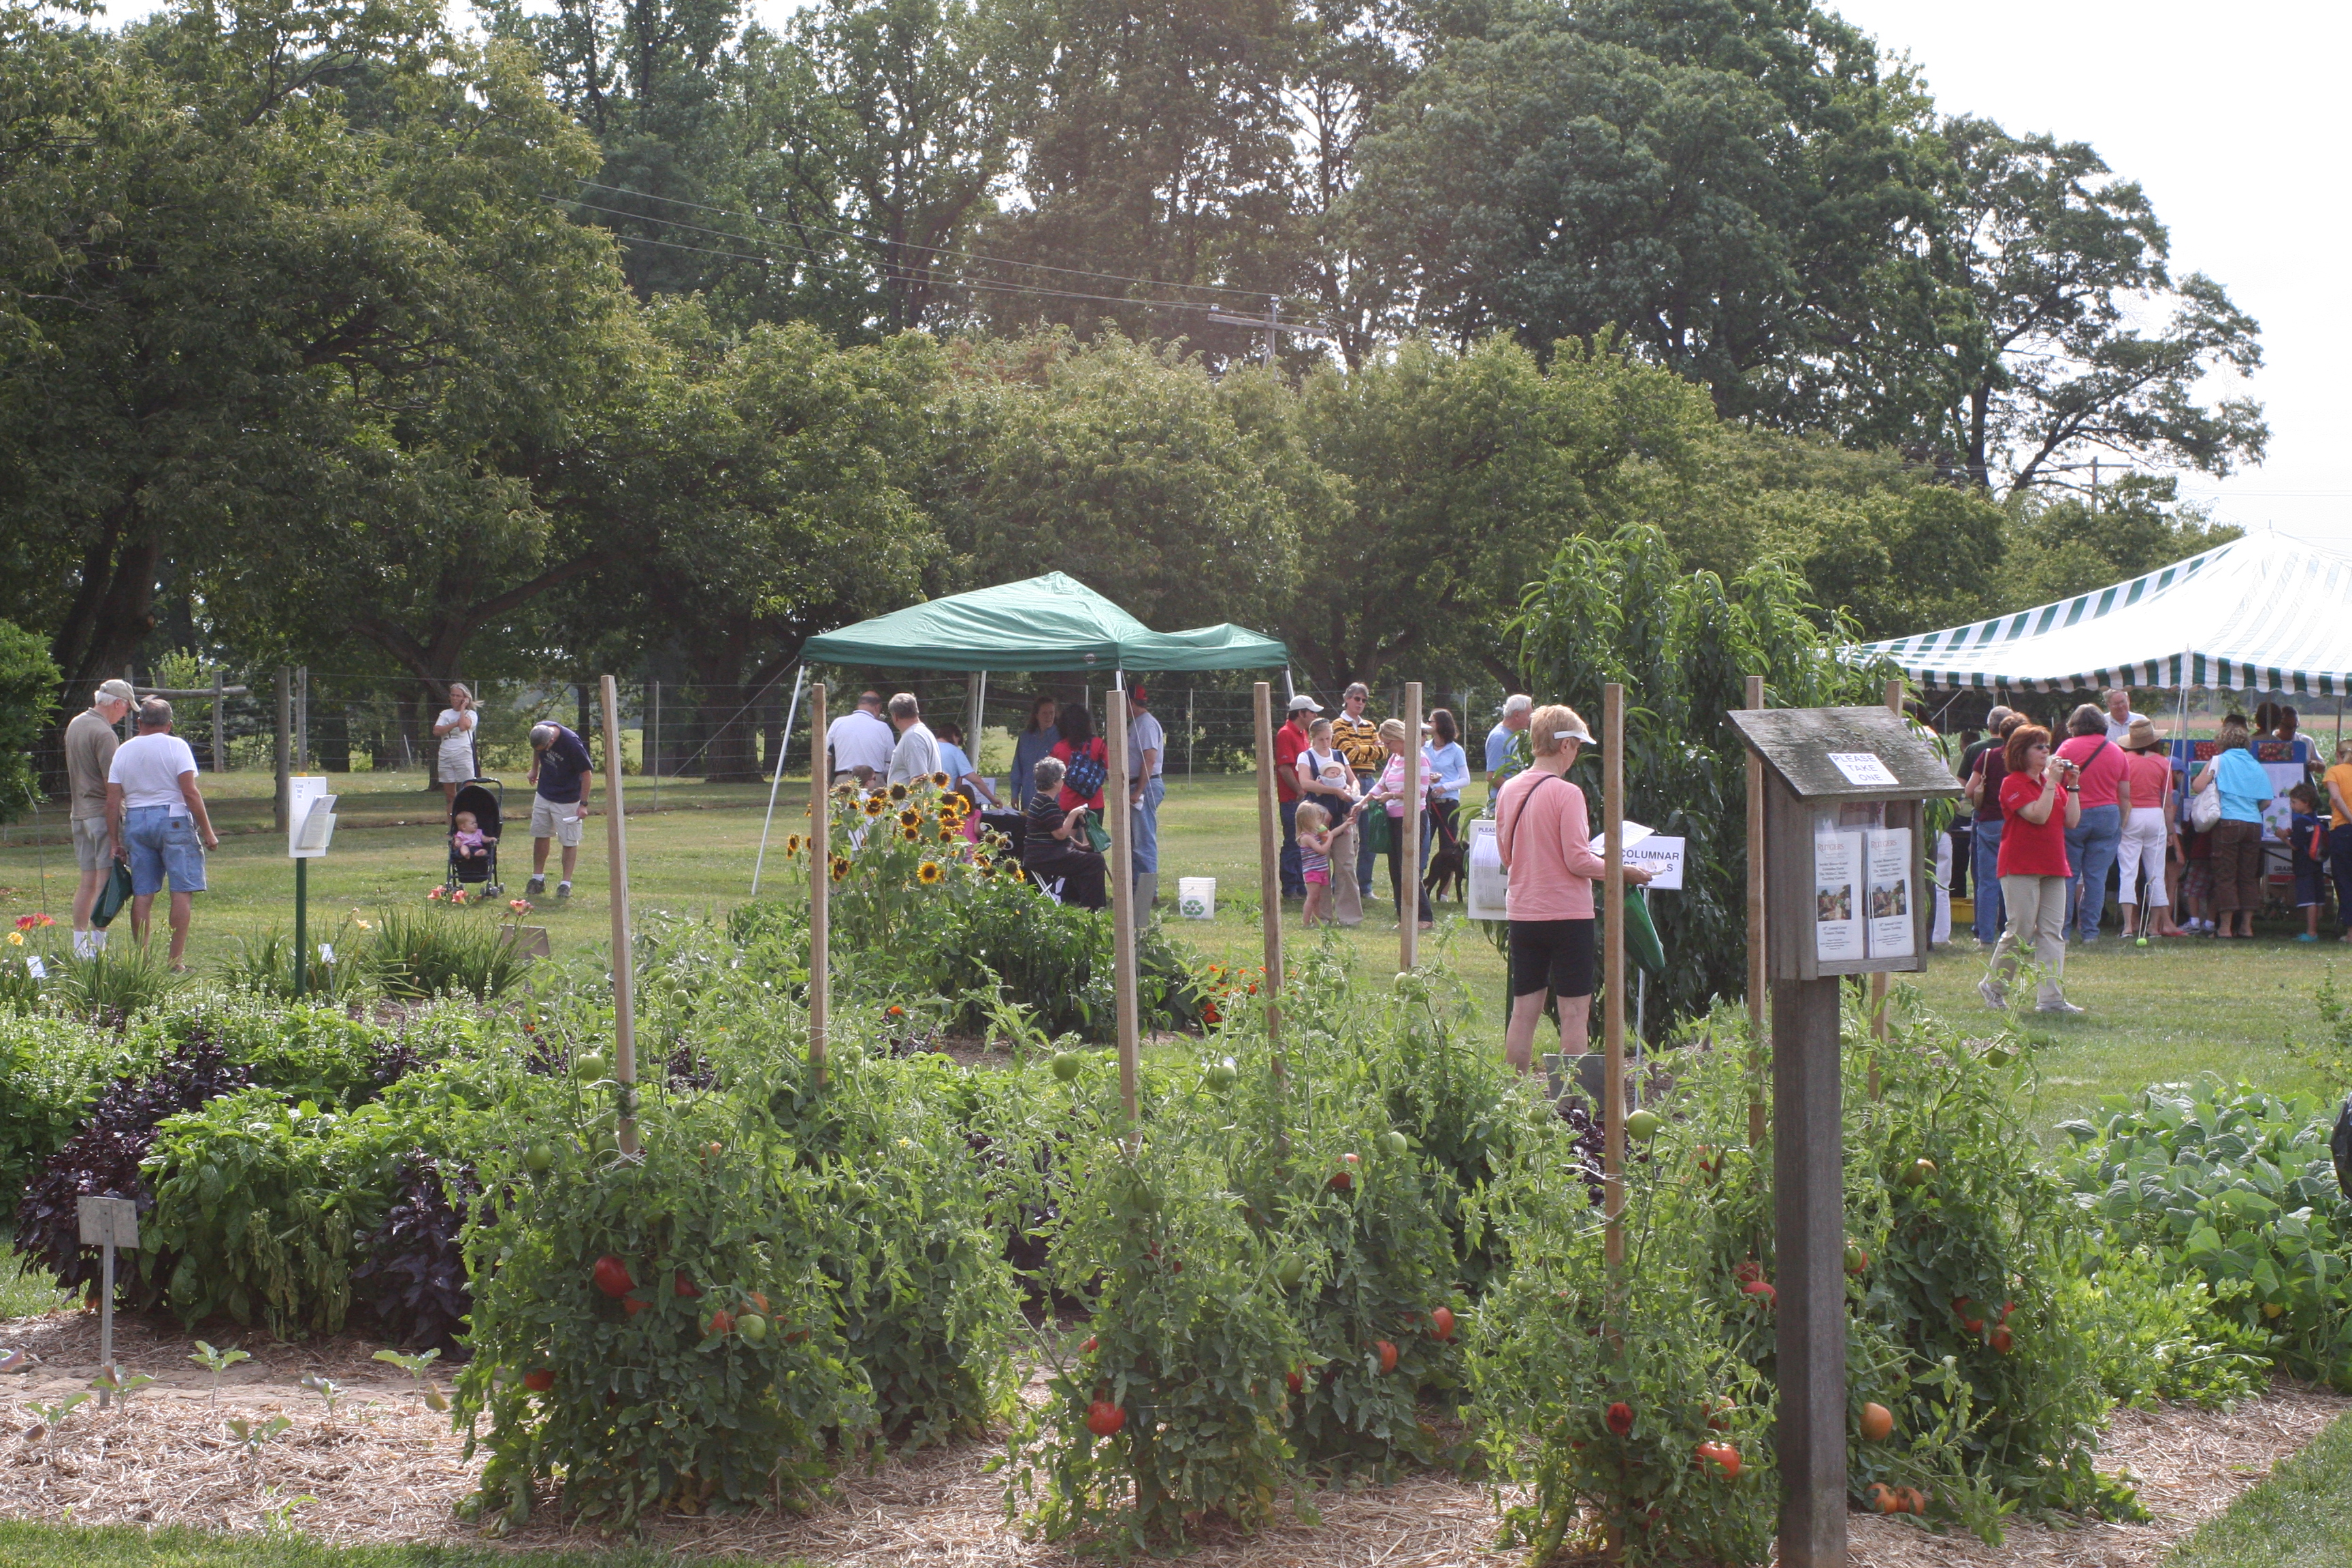 08-08-27 Snyder Farm Tomato Tasting 041